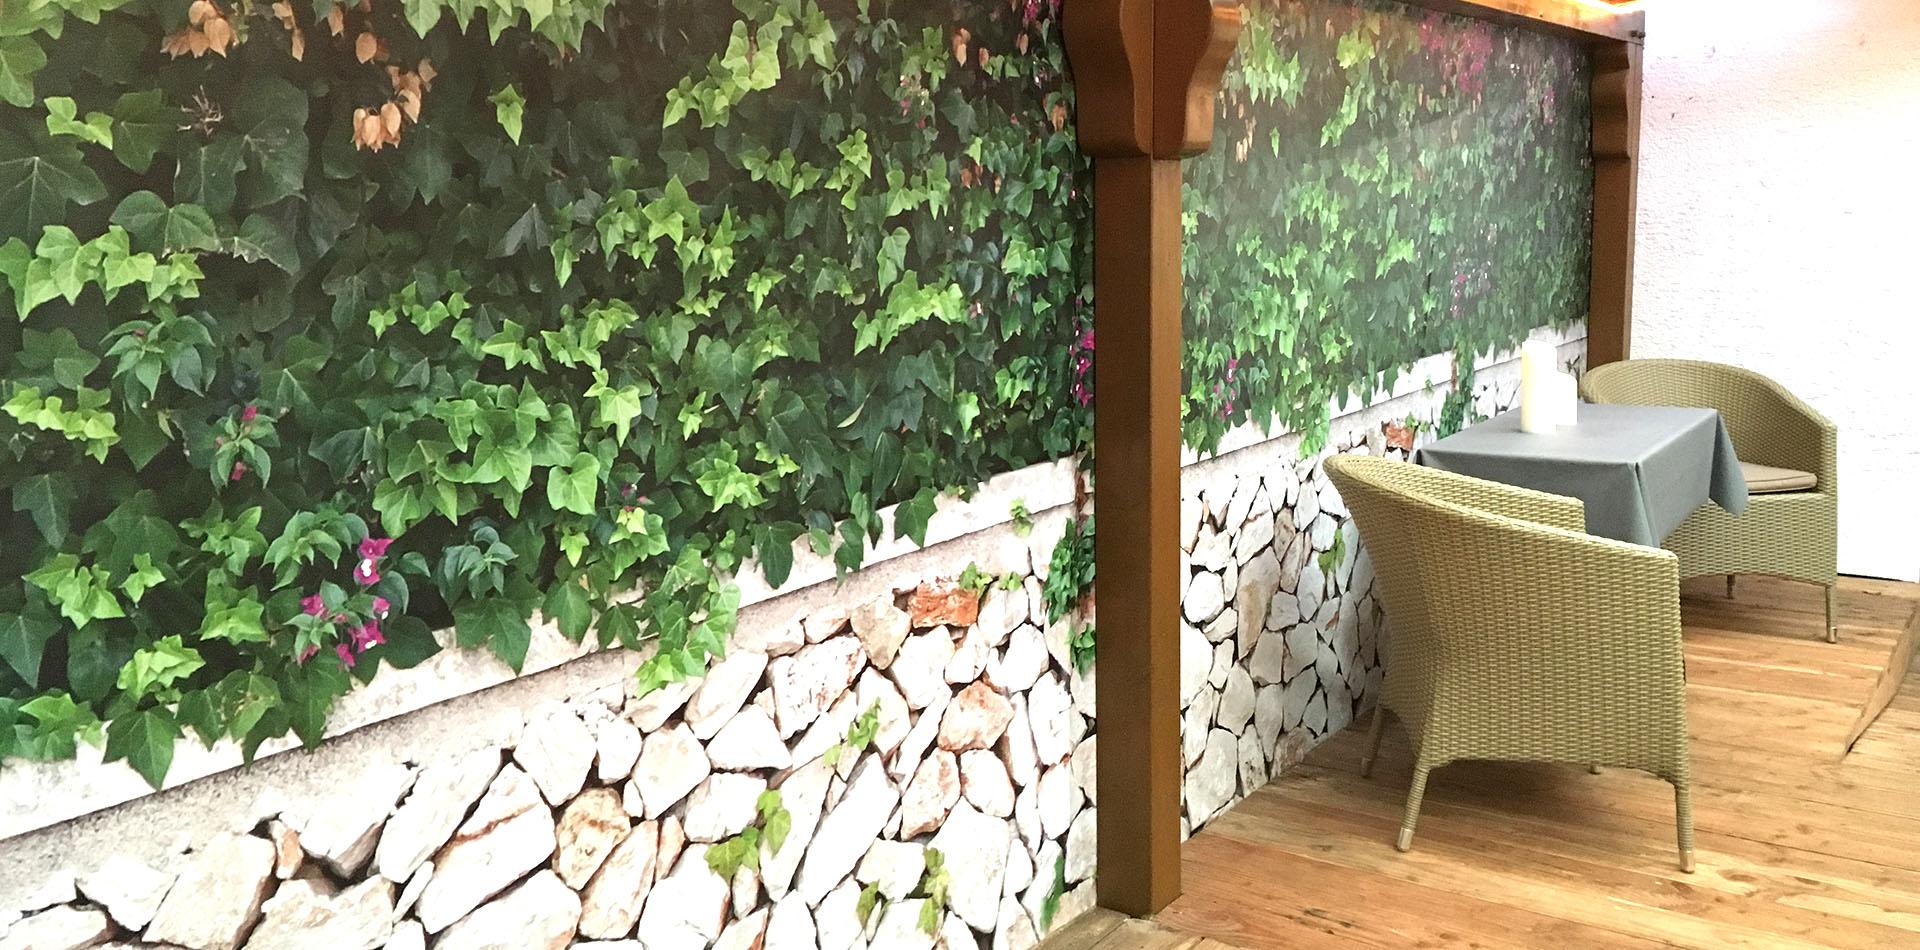 Full Size of Sofa Für Esszimmer Spielhaus Garten Kunststoff Insektenschutz Fenster Sichtschutz Betten Teenager Schwimmingpool Den Laminat Fürs Bad Boden Badezimmer Garten Sichtschutz Für Garten